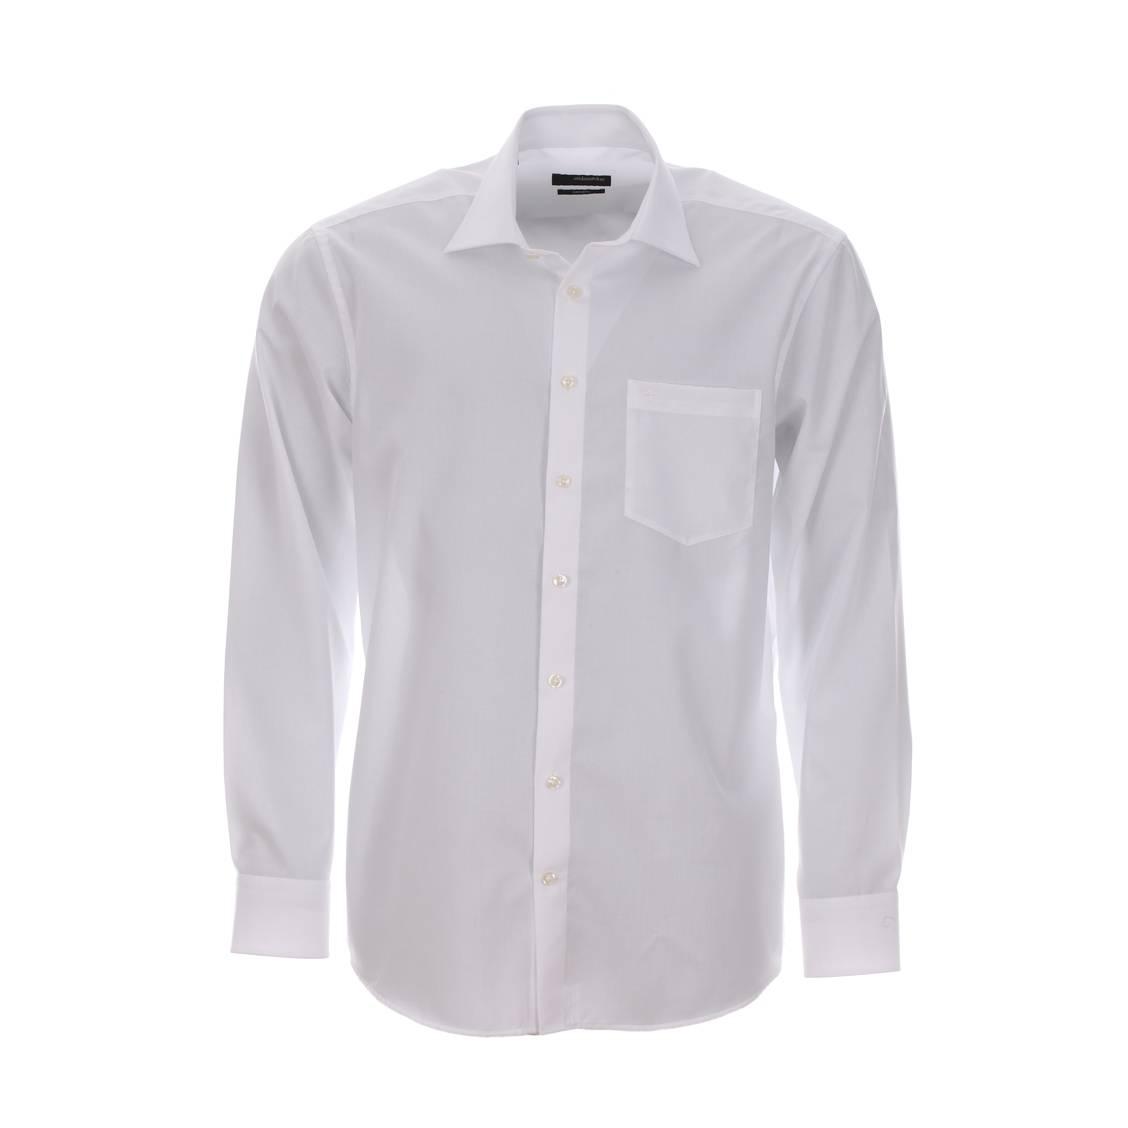 Chemise blanche Seidensticker sans repassage